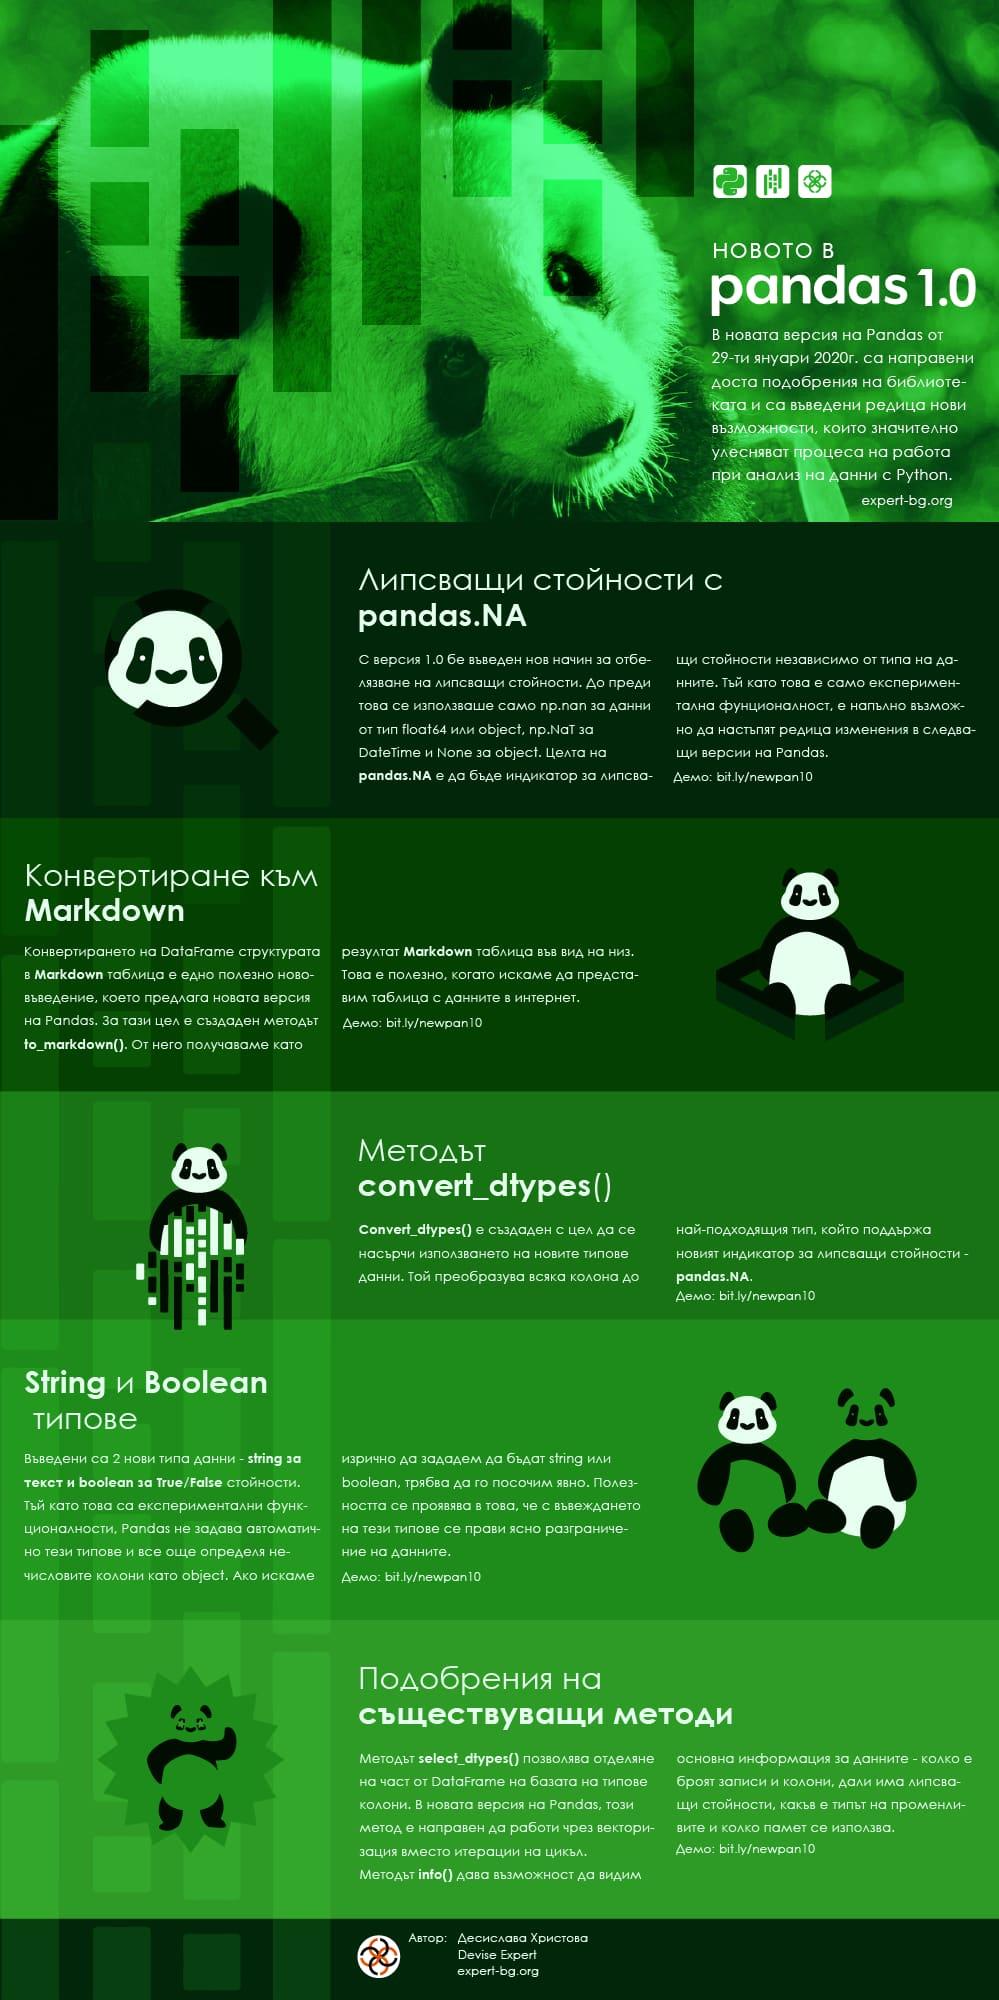 Новото в pandas 1.0 Инфографика